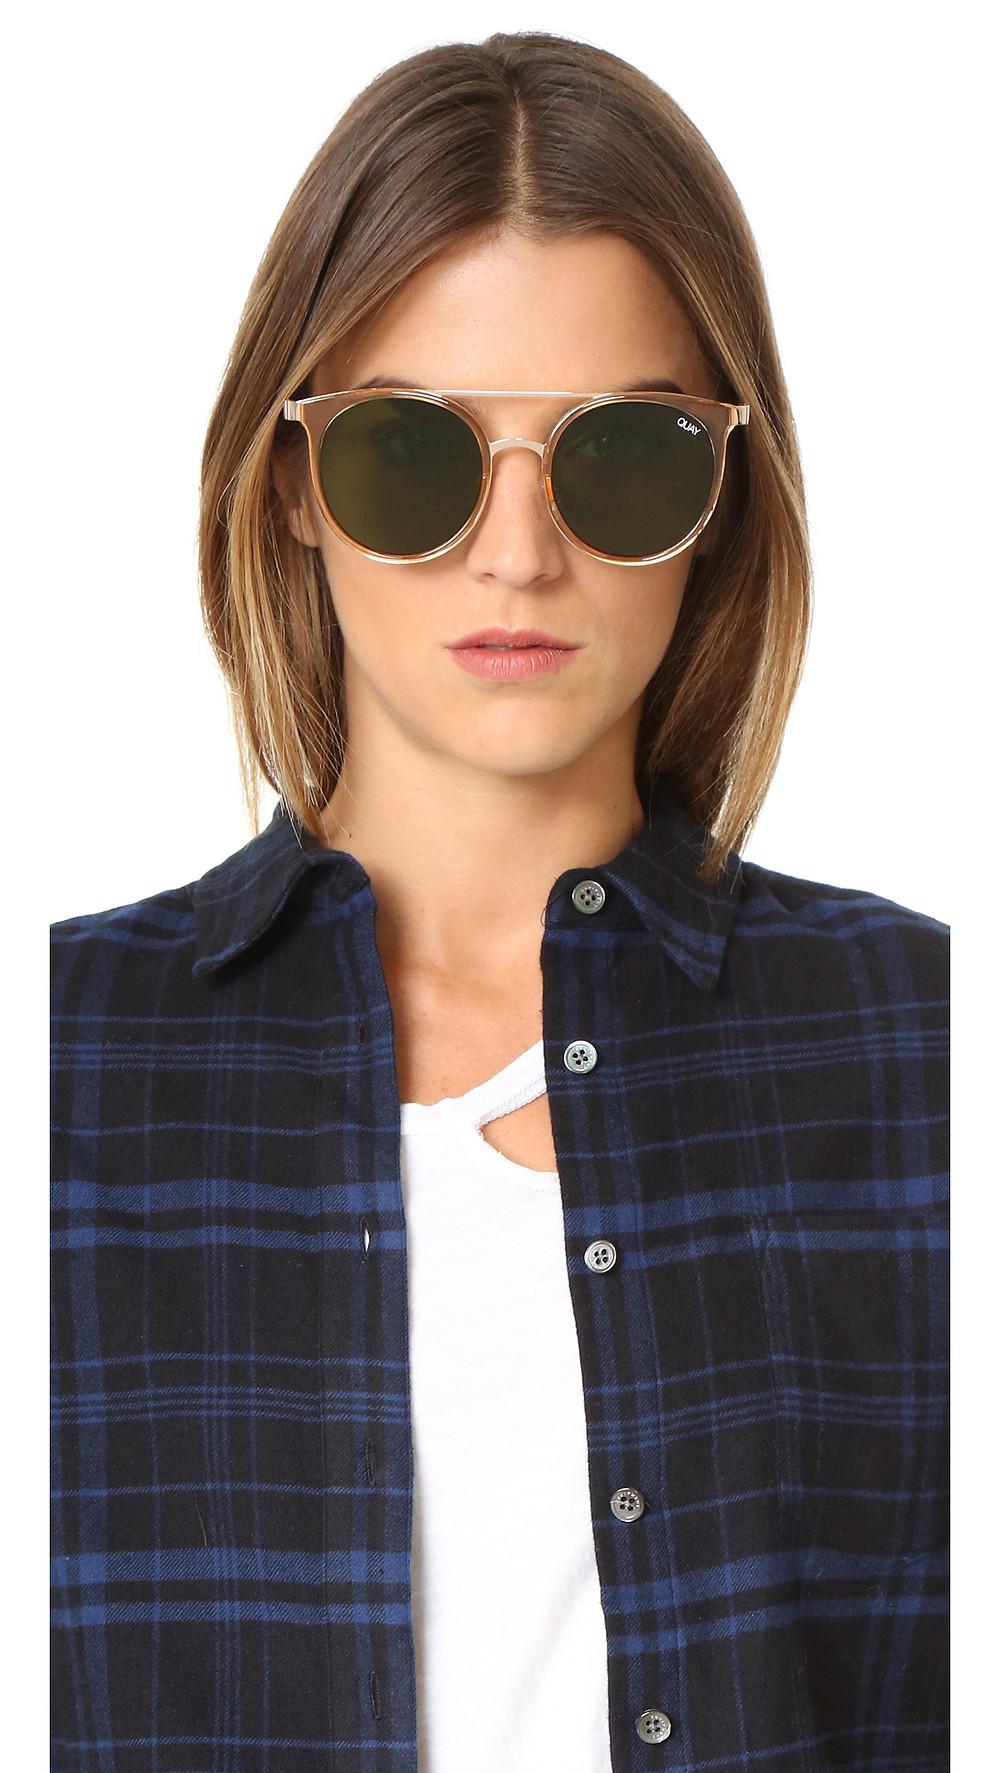 Quay Kandy Gram Sunglasses $65